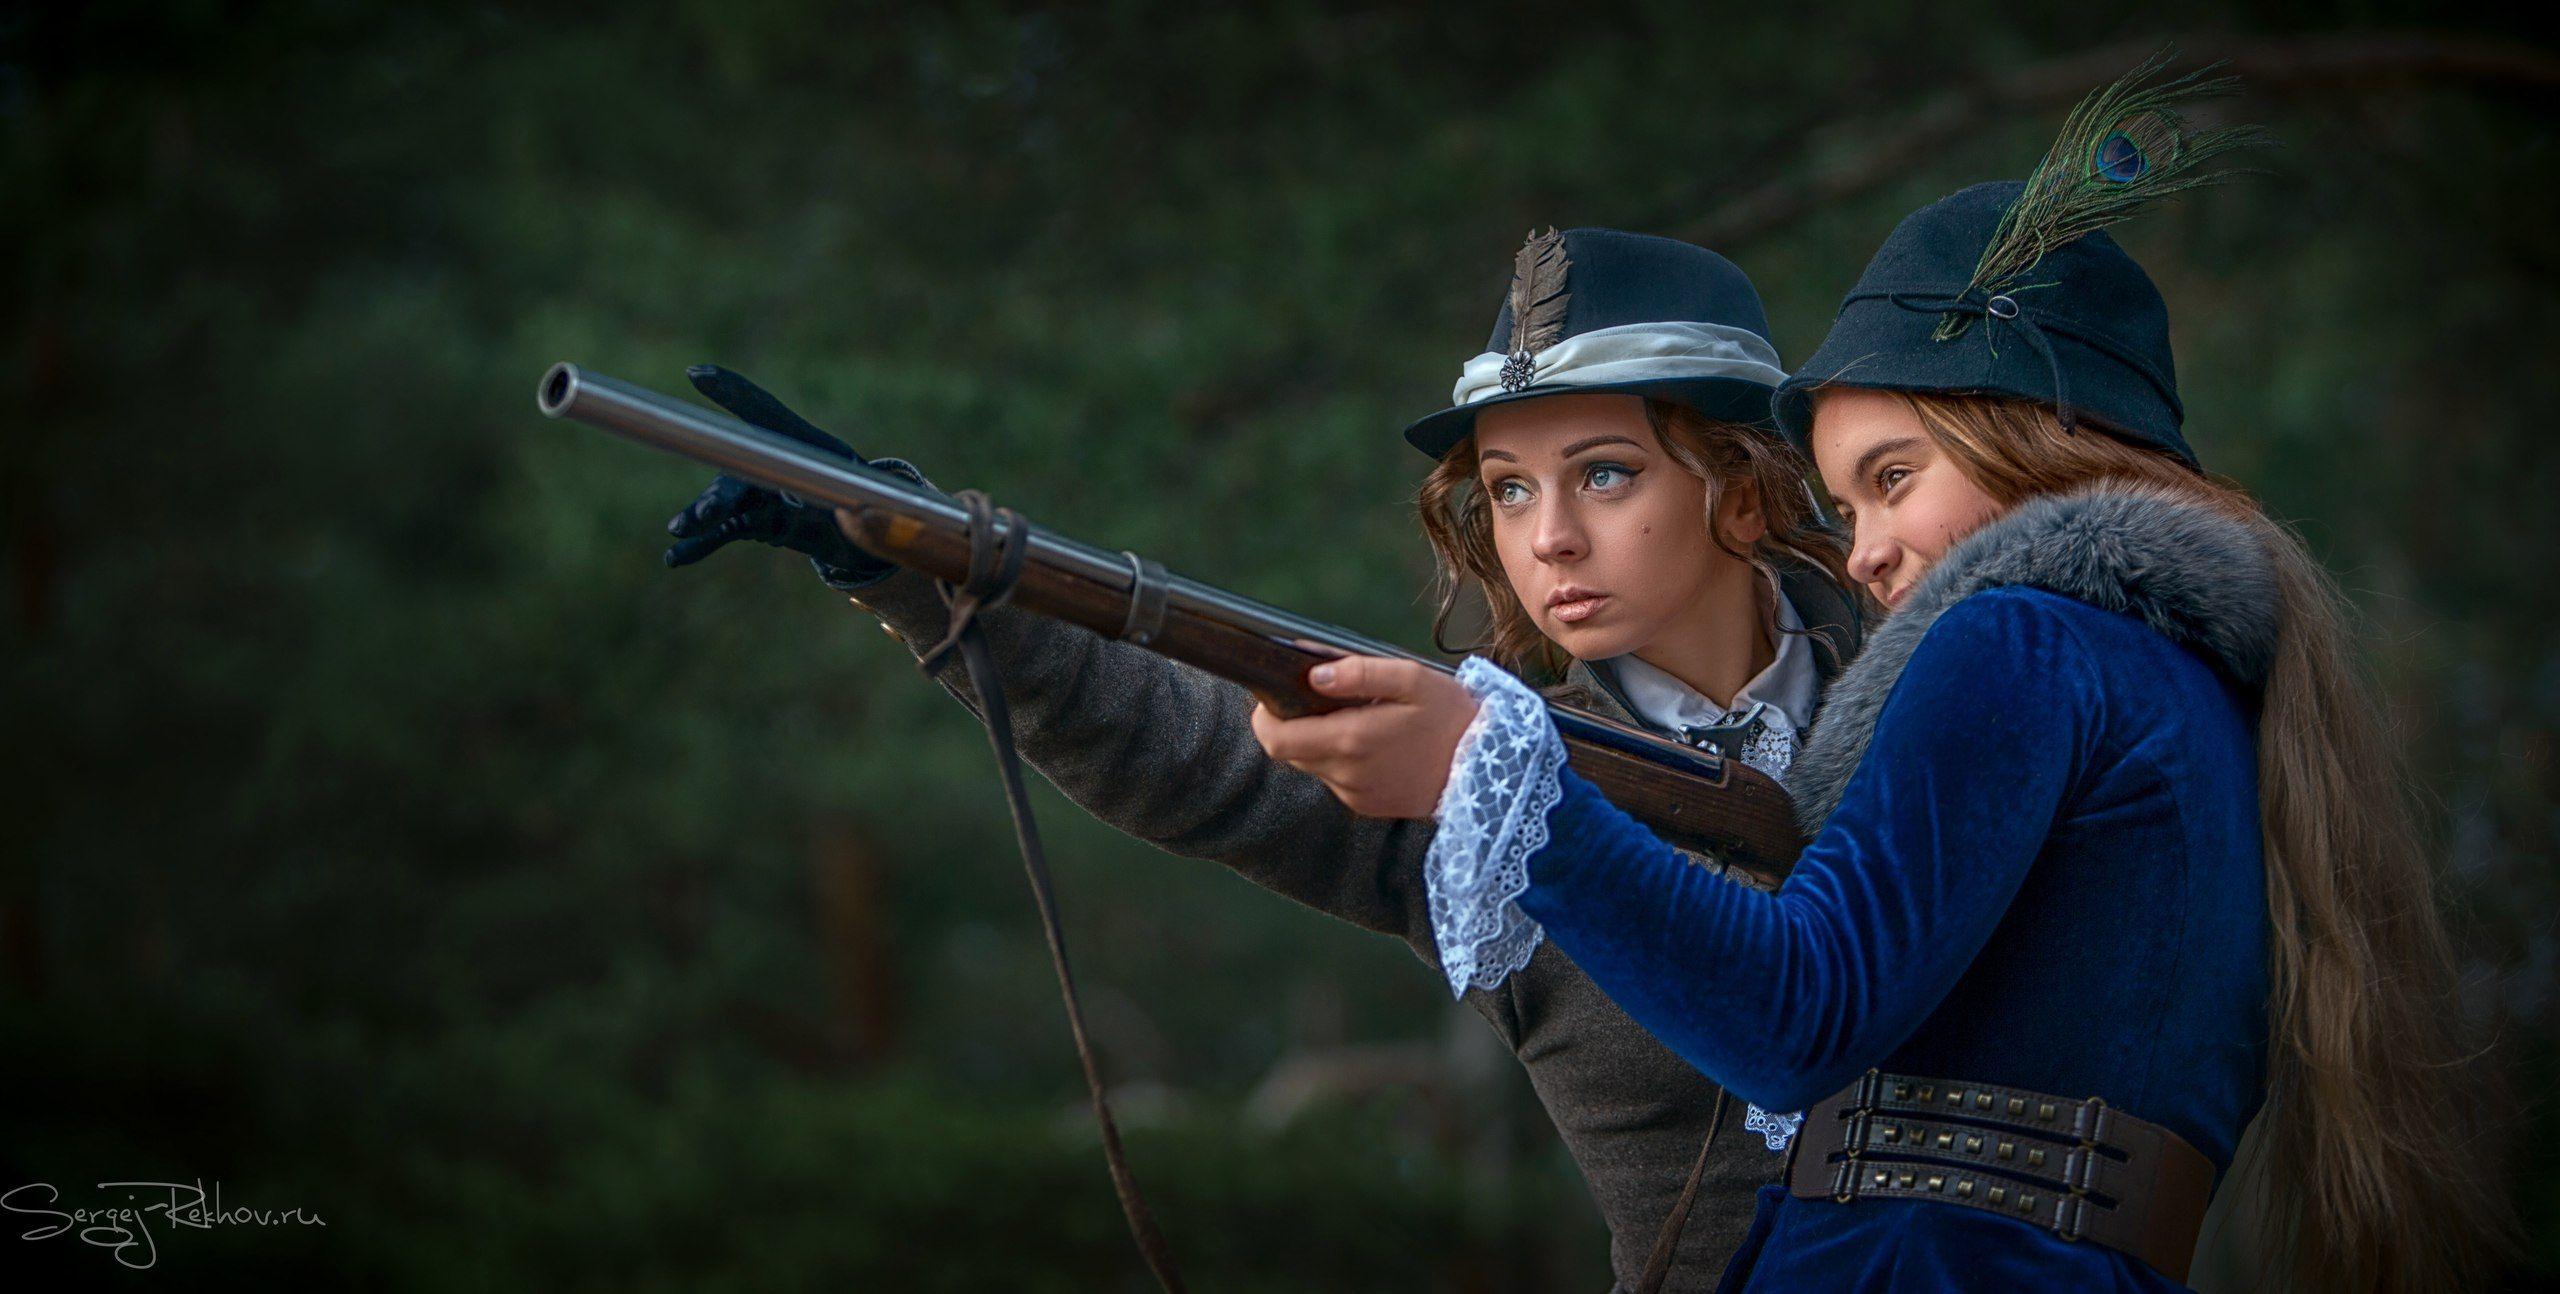 охотник, подруги, ружьё, лес, выстрел, rekhov, sergejrekhov, Сергей Рехов